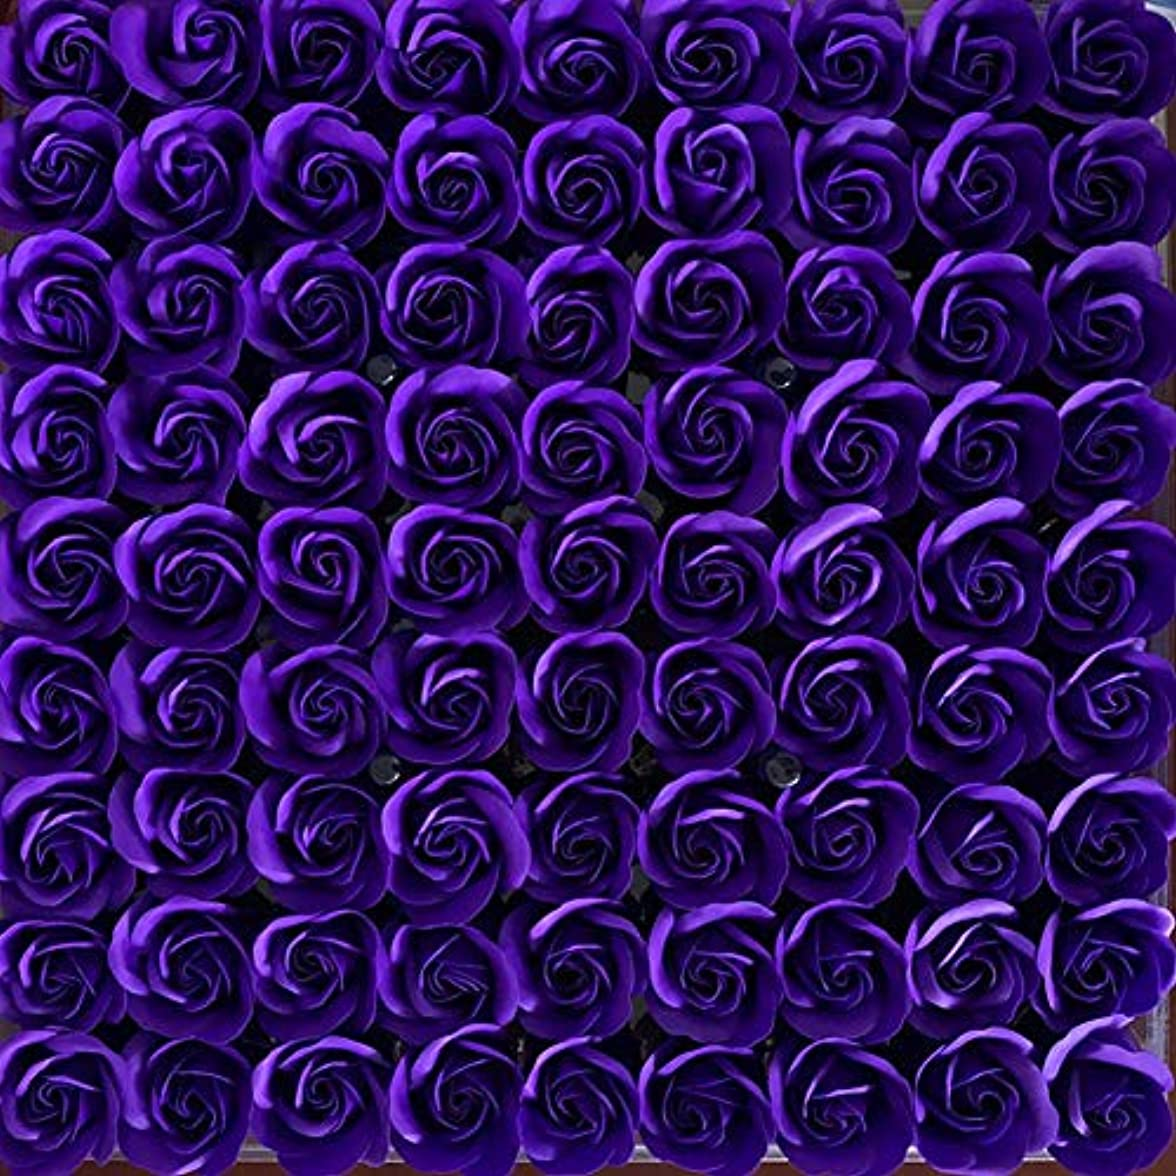 比較株式会社最終81PCS DIY ボディソープ バラ ローズ 洗濯用 フラワーソープ 良い香り 三層 贈り物 結婚披露宴 バレンタインデーギフト 石鹸の花+ボックス